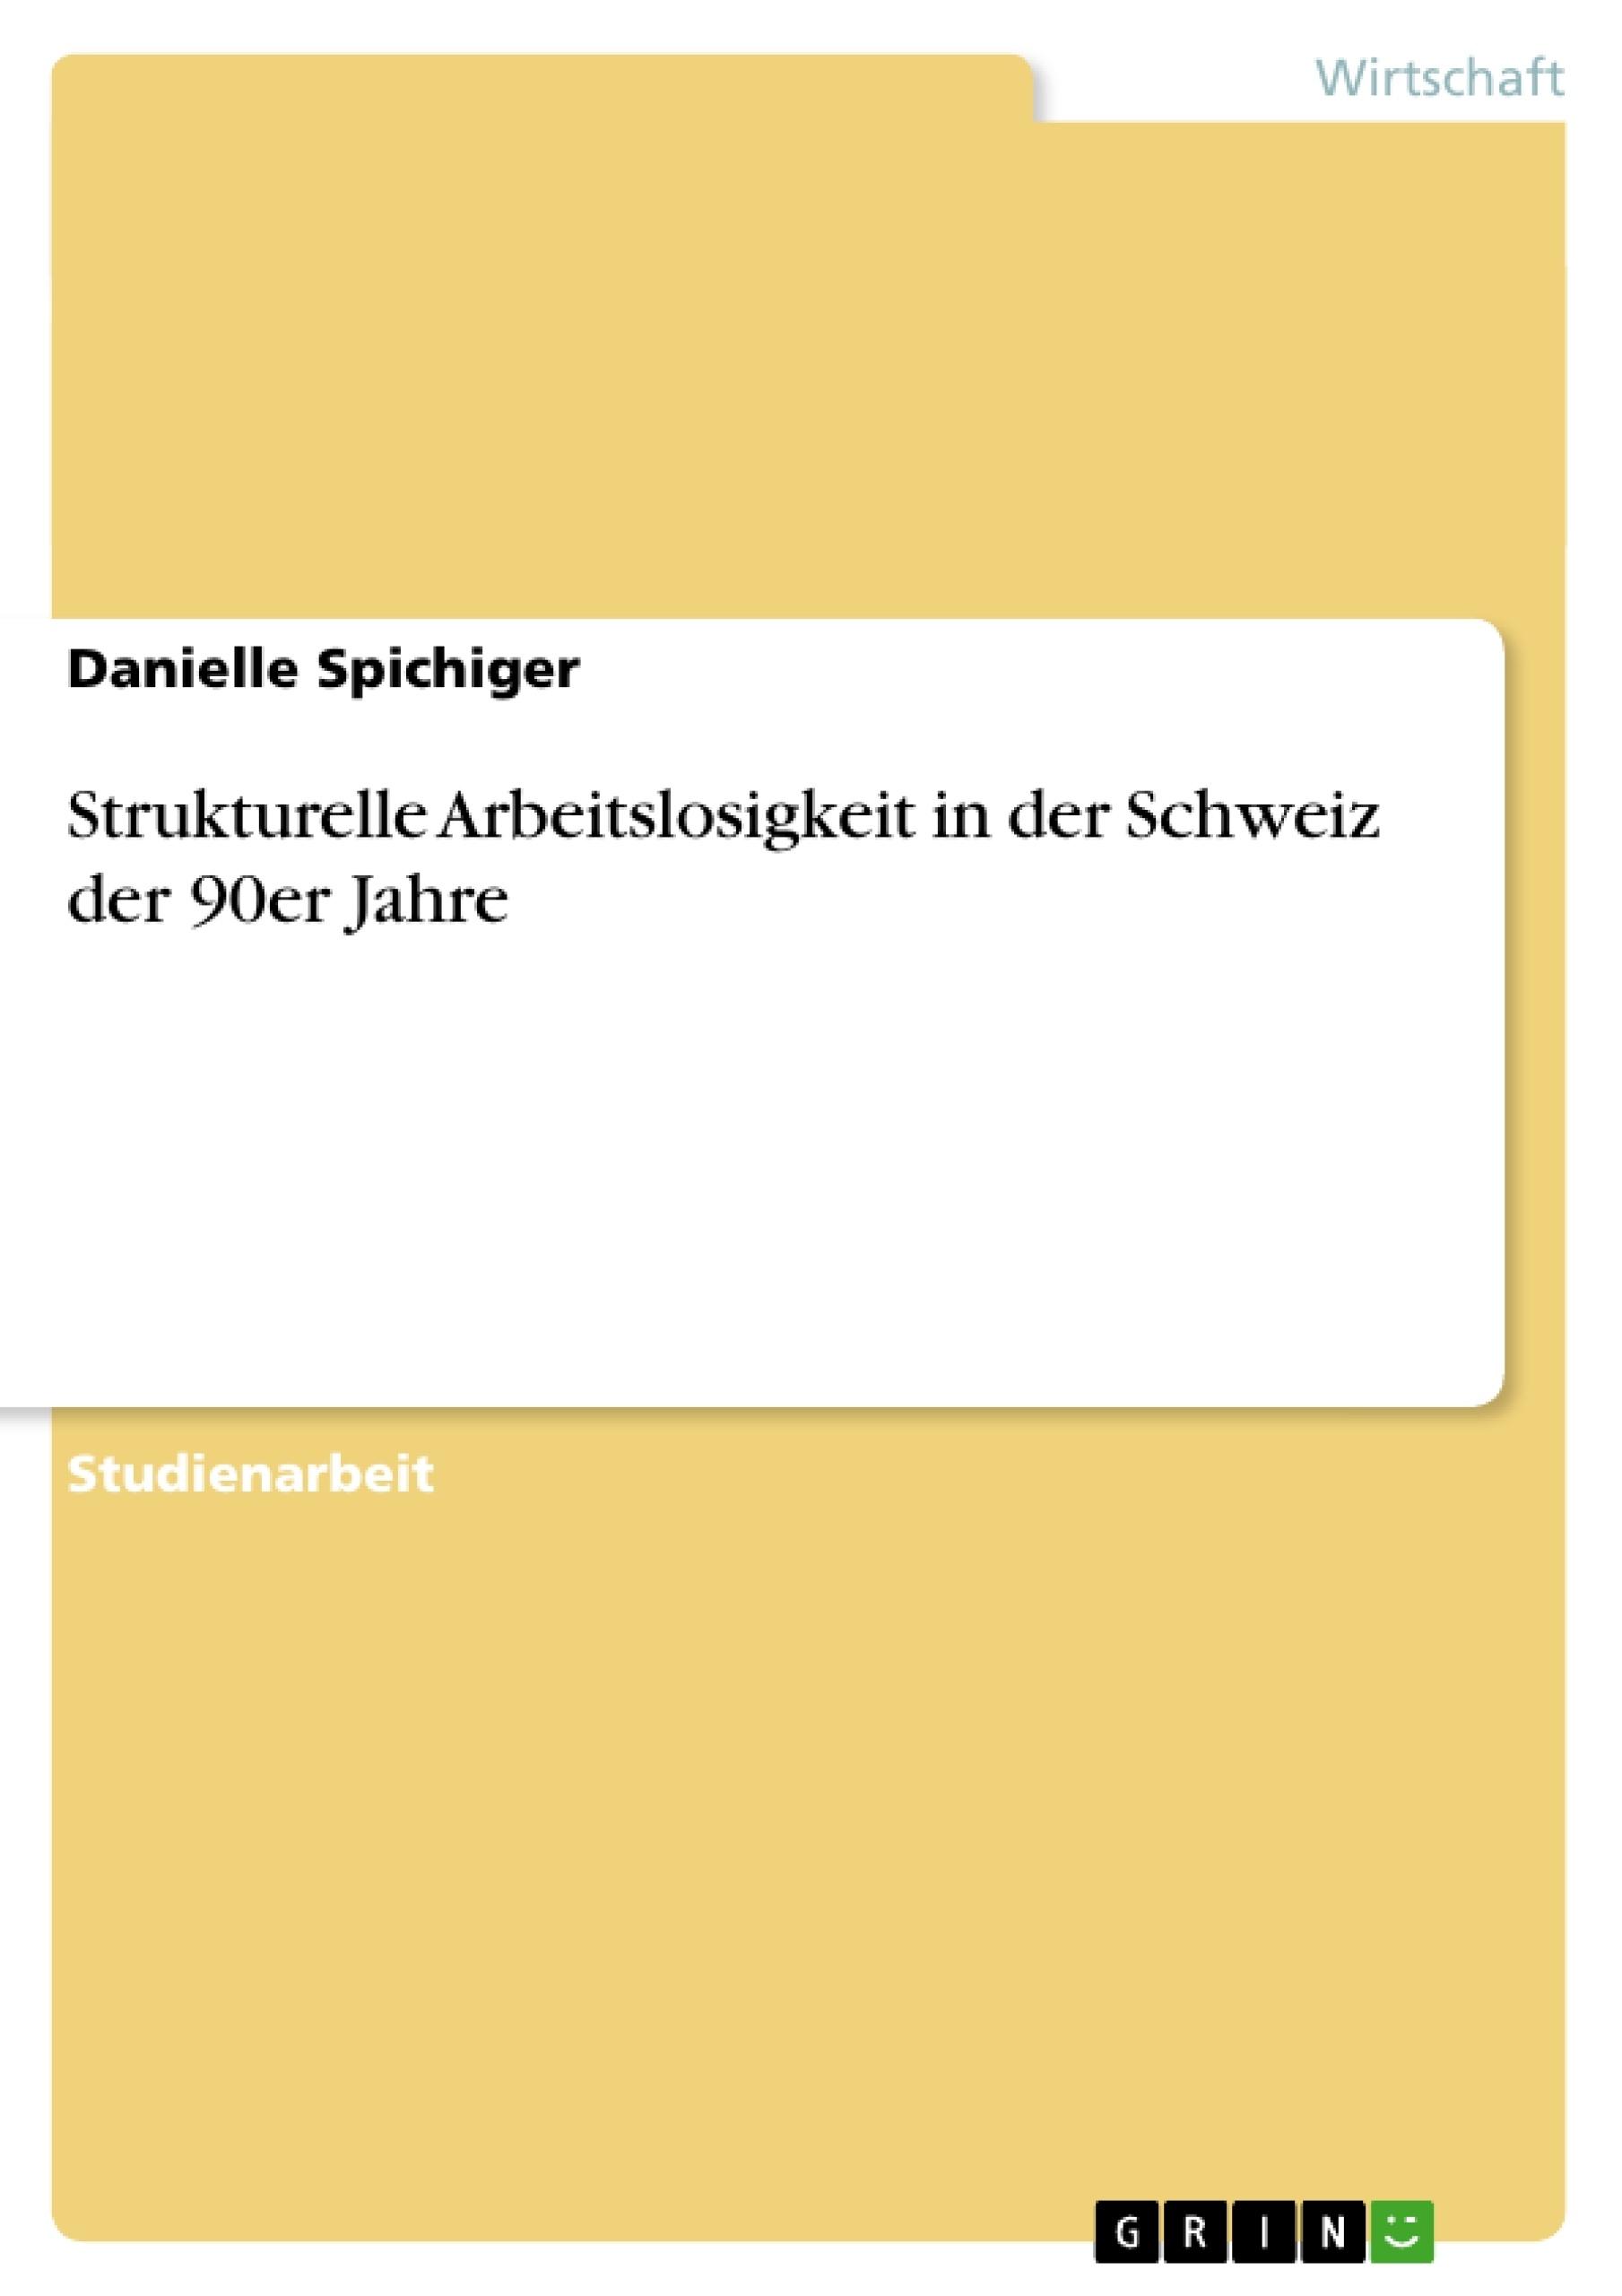 Titel: Strukturelle Arbeitslosigkeit in der Schweiz der 90er Jahre